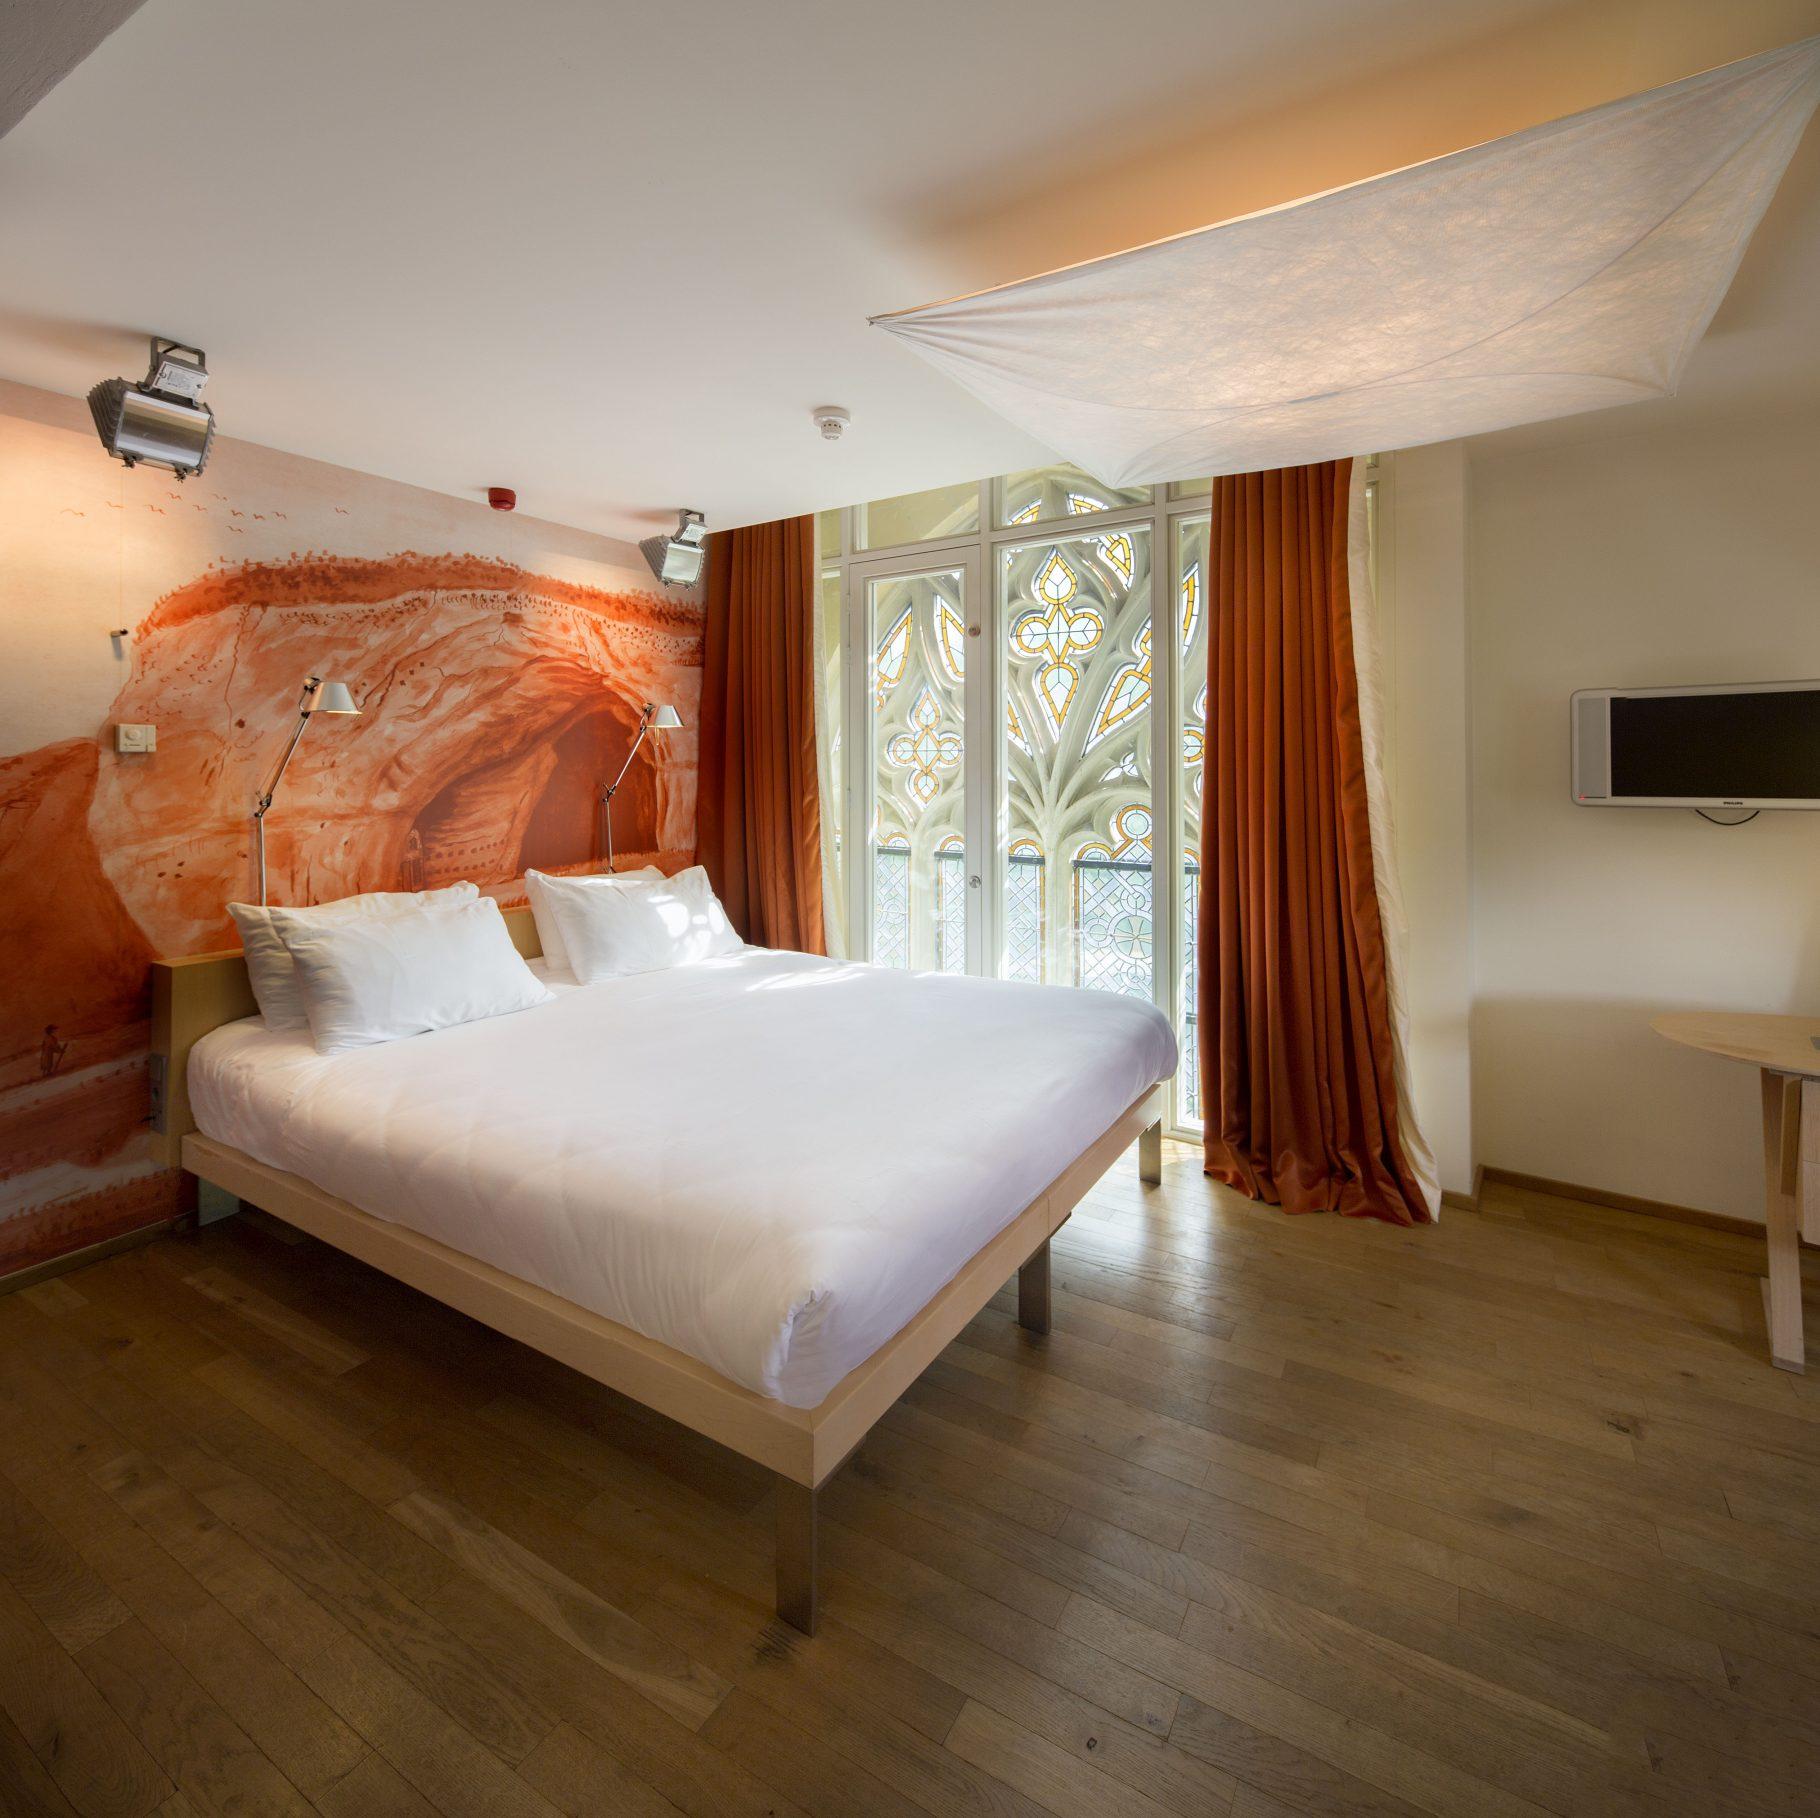 Kruisherenhotel Maastricht hotelroom